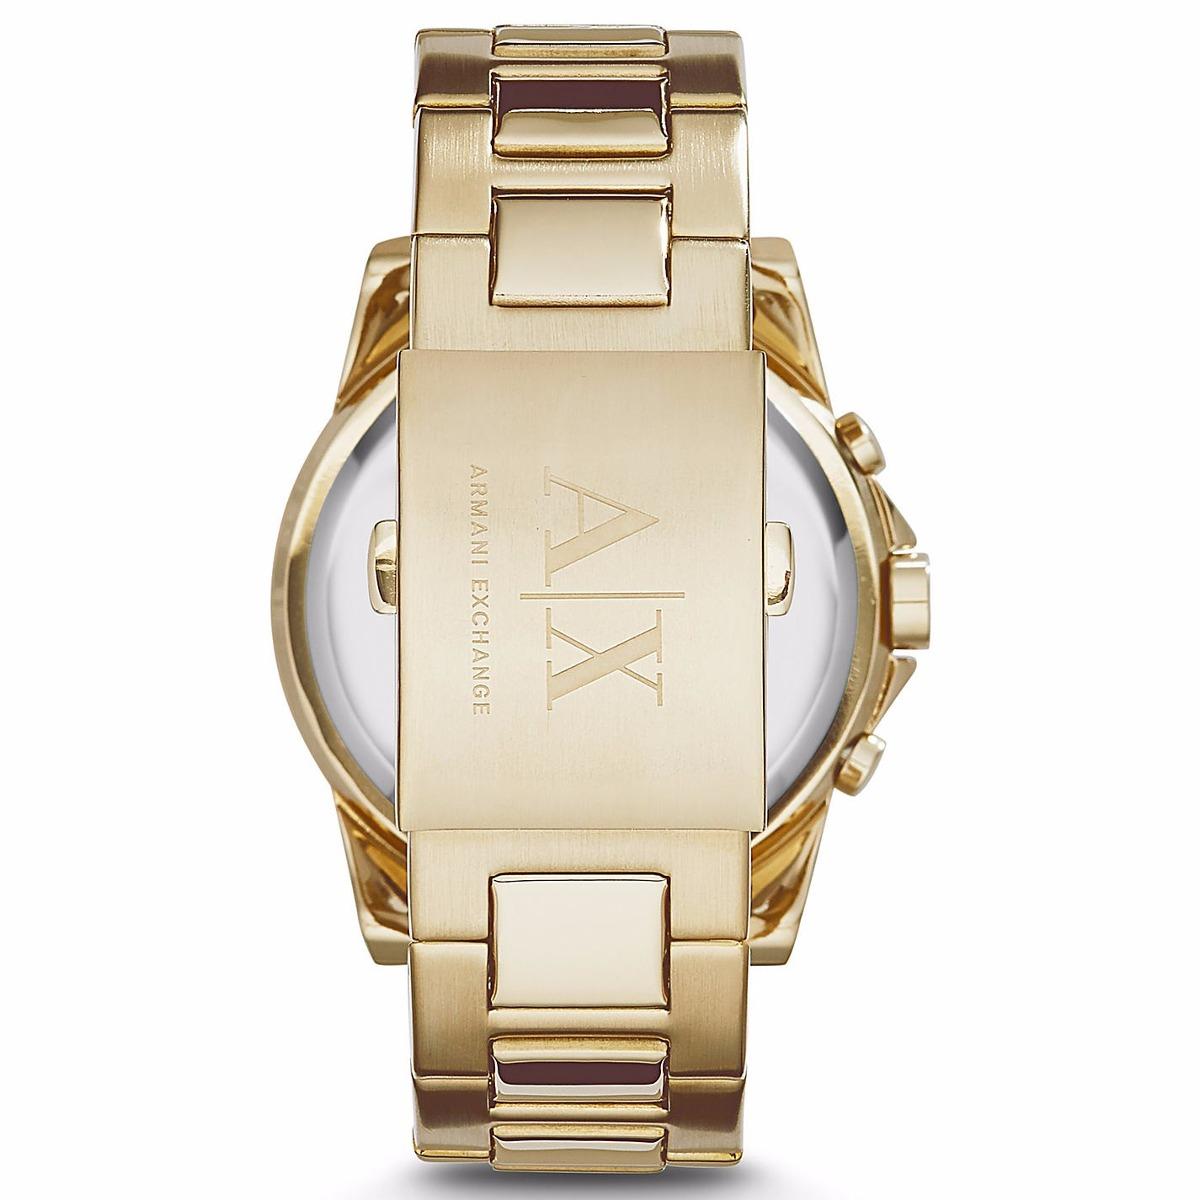 381d247e1a51 reloj armani exchange mod. ax2099 dorado para caballero. Cargando zoom.